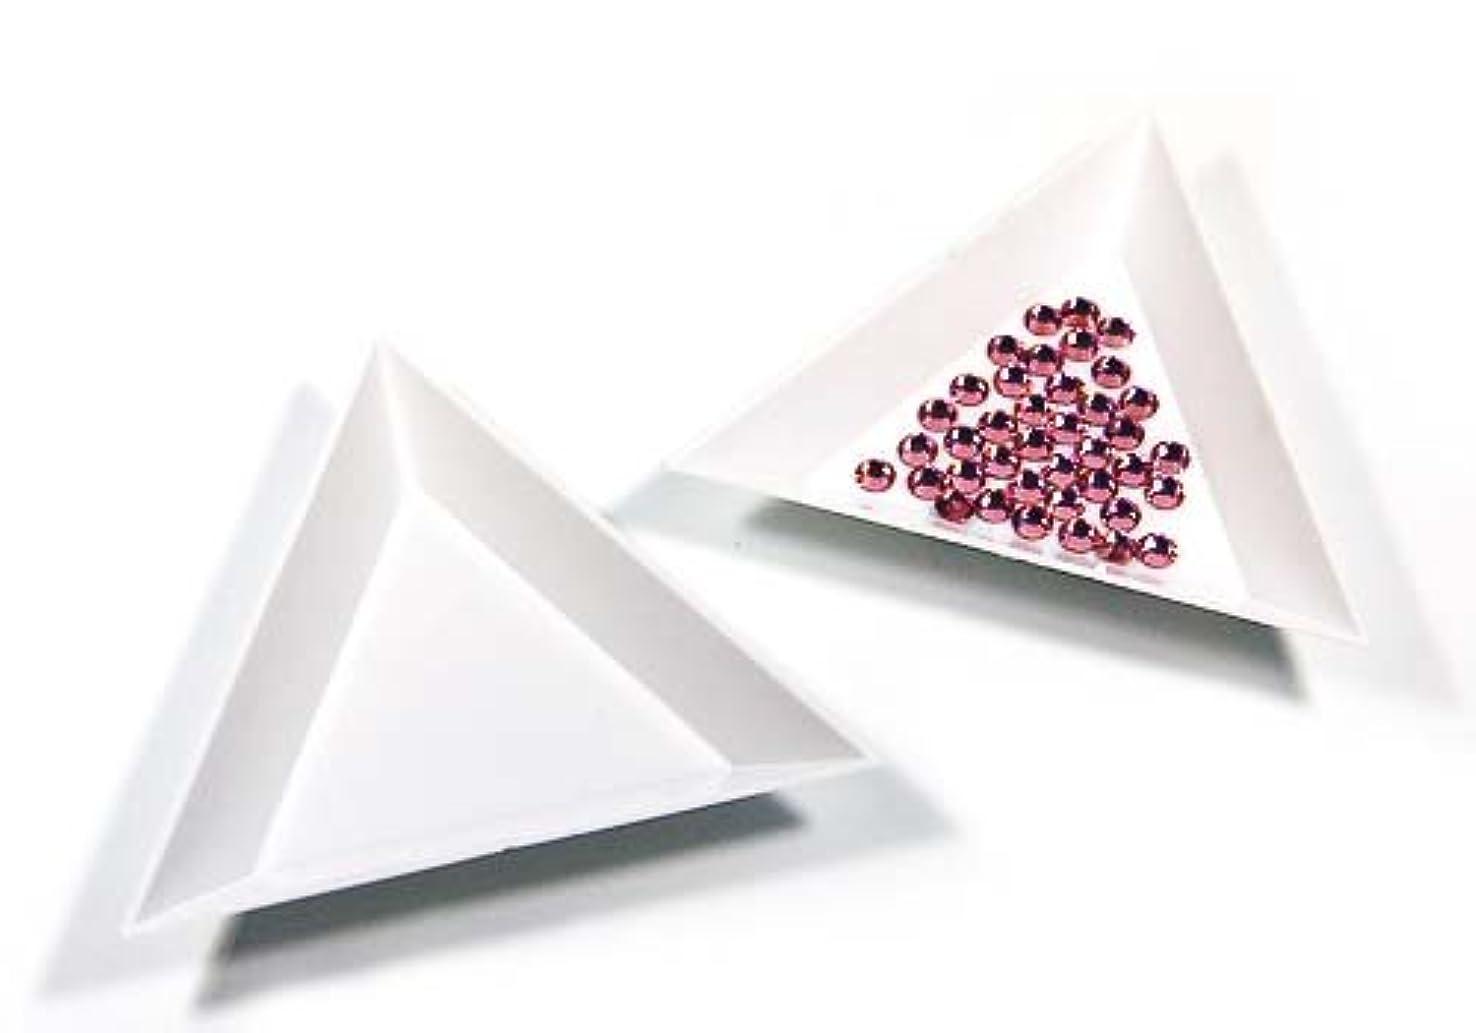 罹患率アクセサリーメッセージ【ラインストーン77】三角ビーズトレイ 3個セット デコ用品